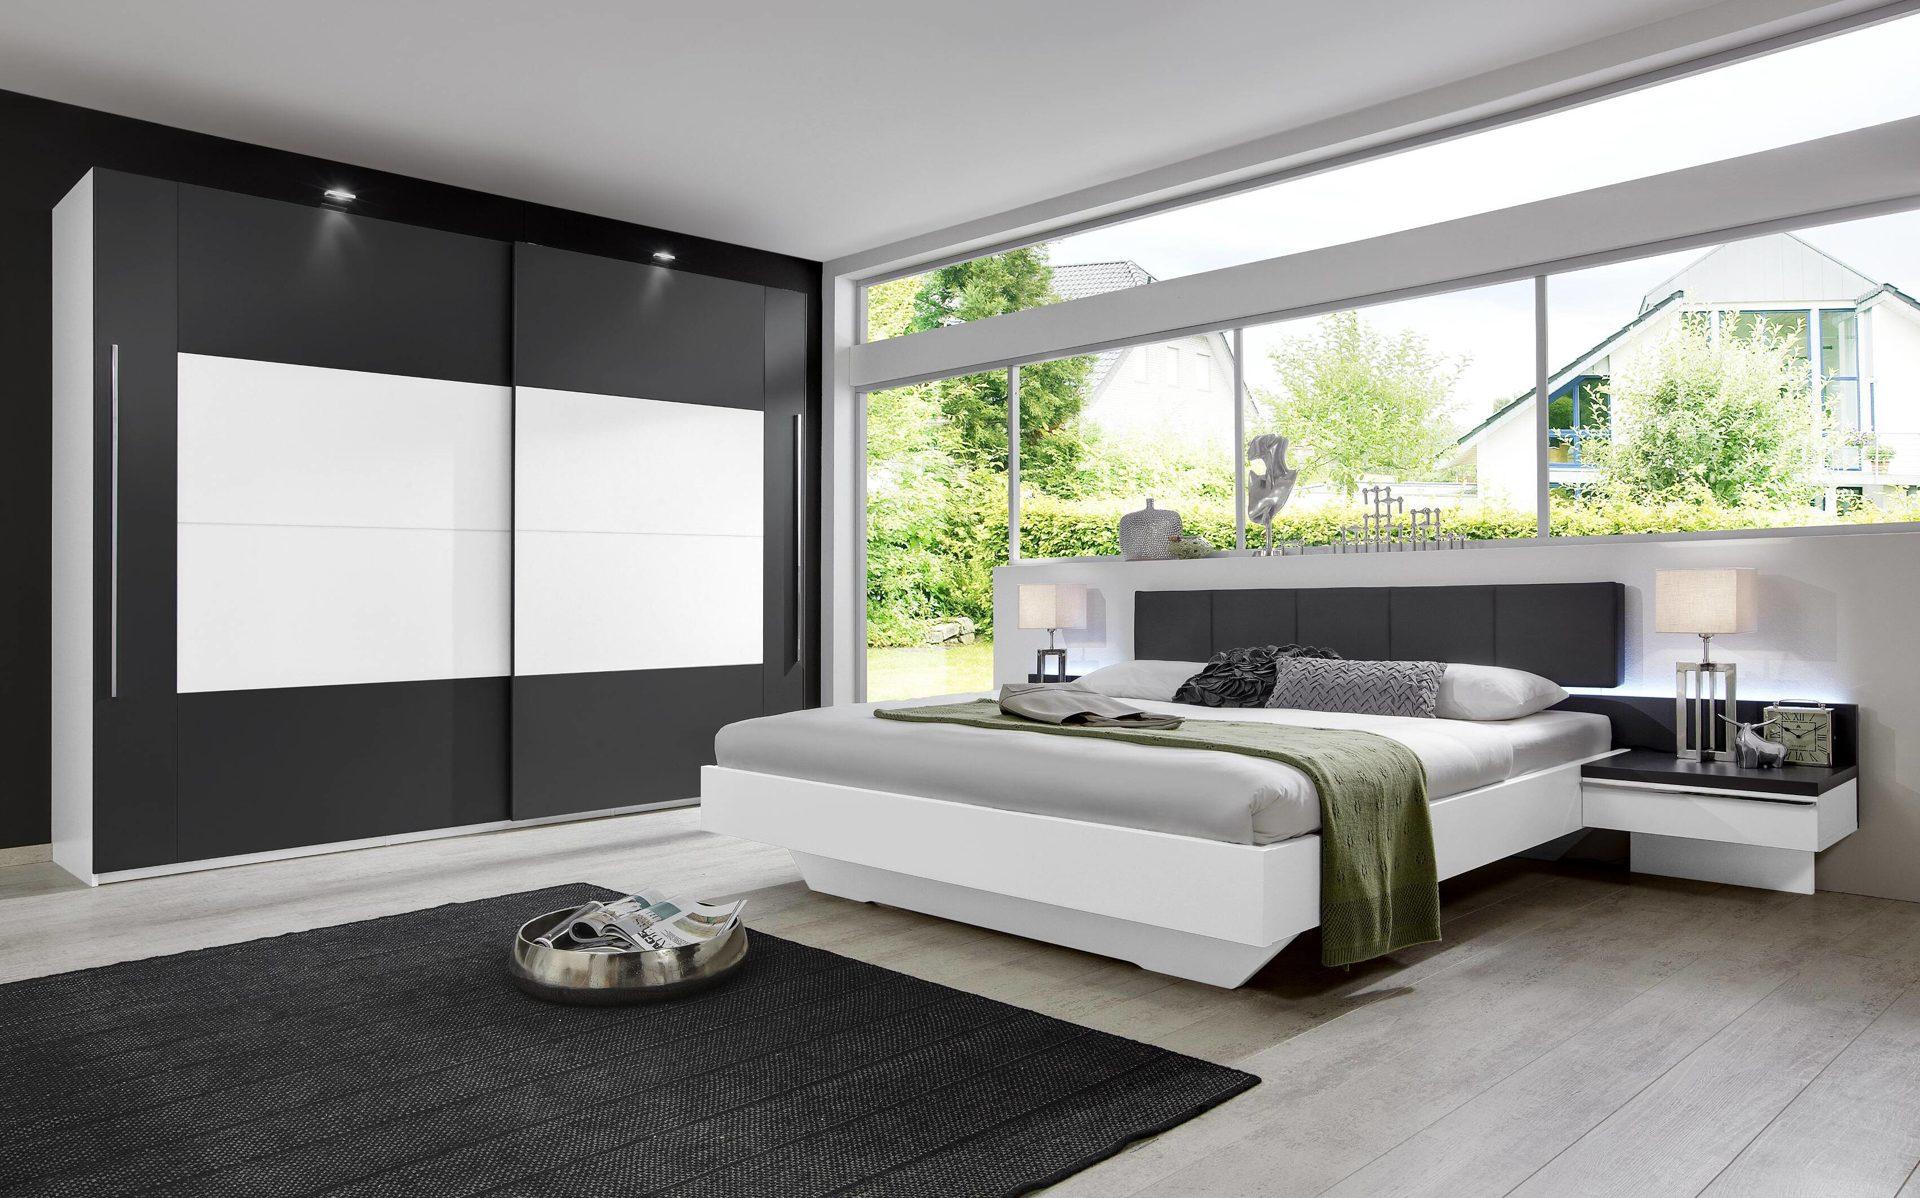 modernes rauch Schlafzimmer mit Schwebetürenschrank, alpinweiße &  graphitfarbene Kunststoffoberflächen, anthrazitfarbenes Kun